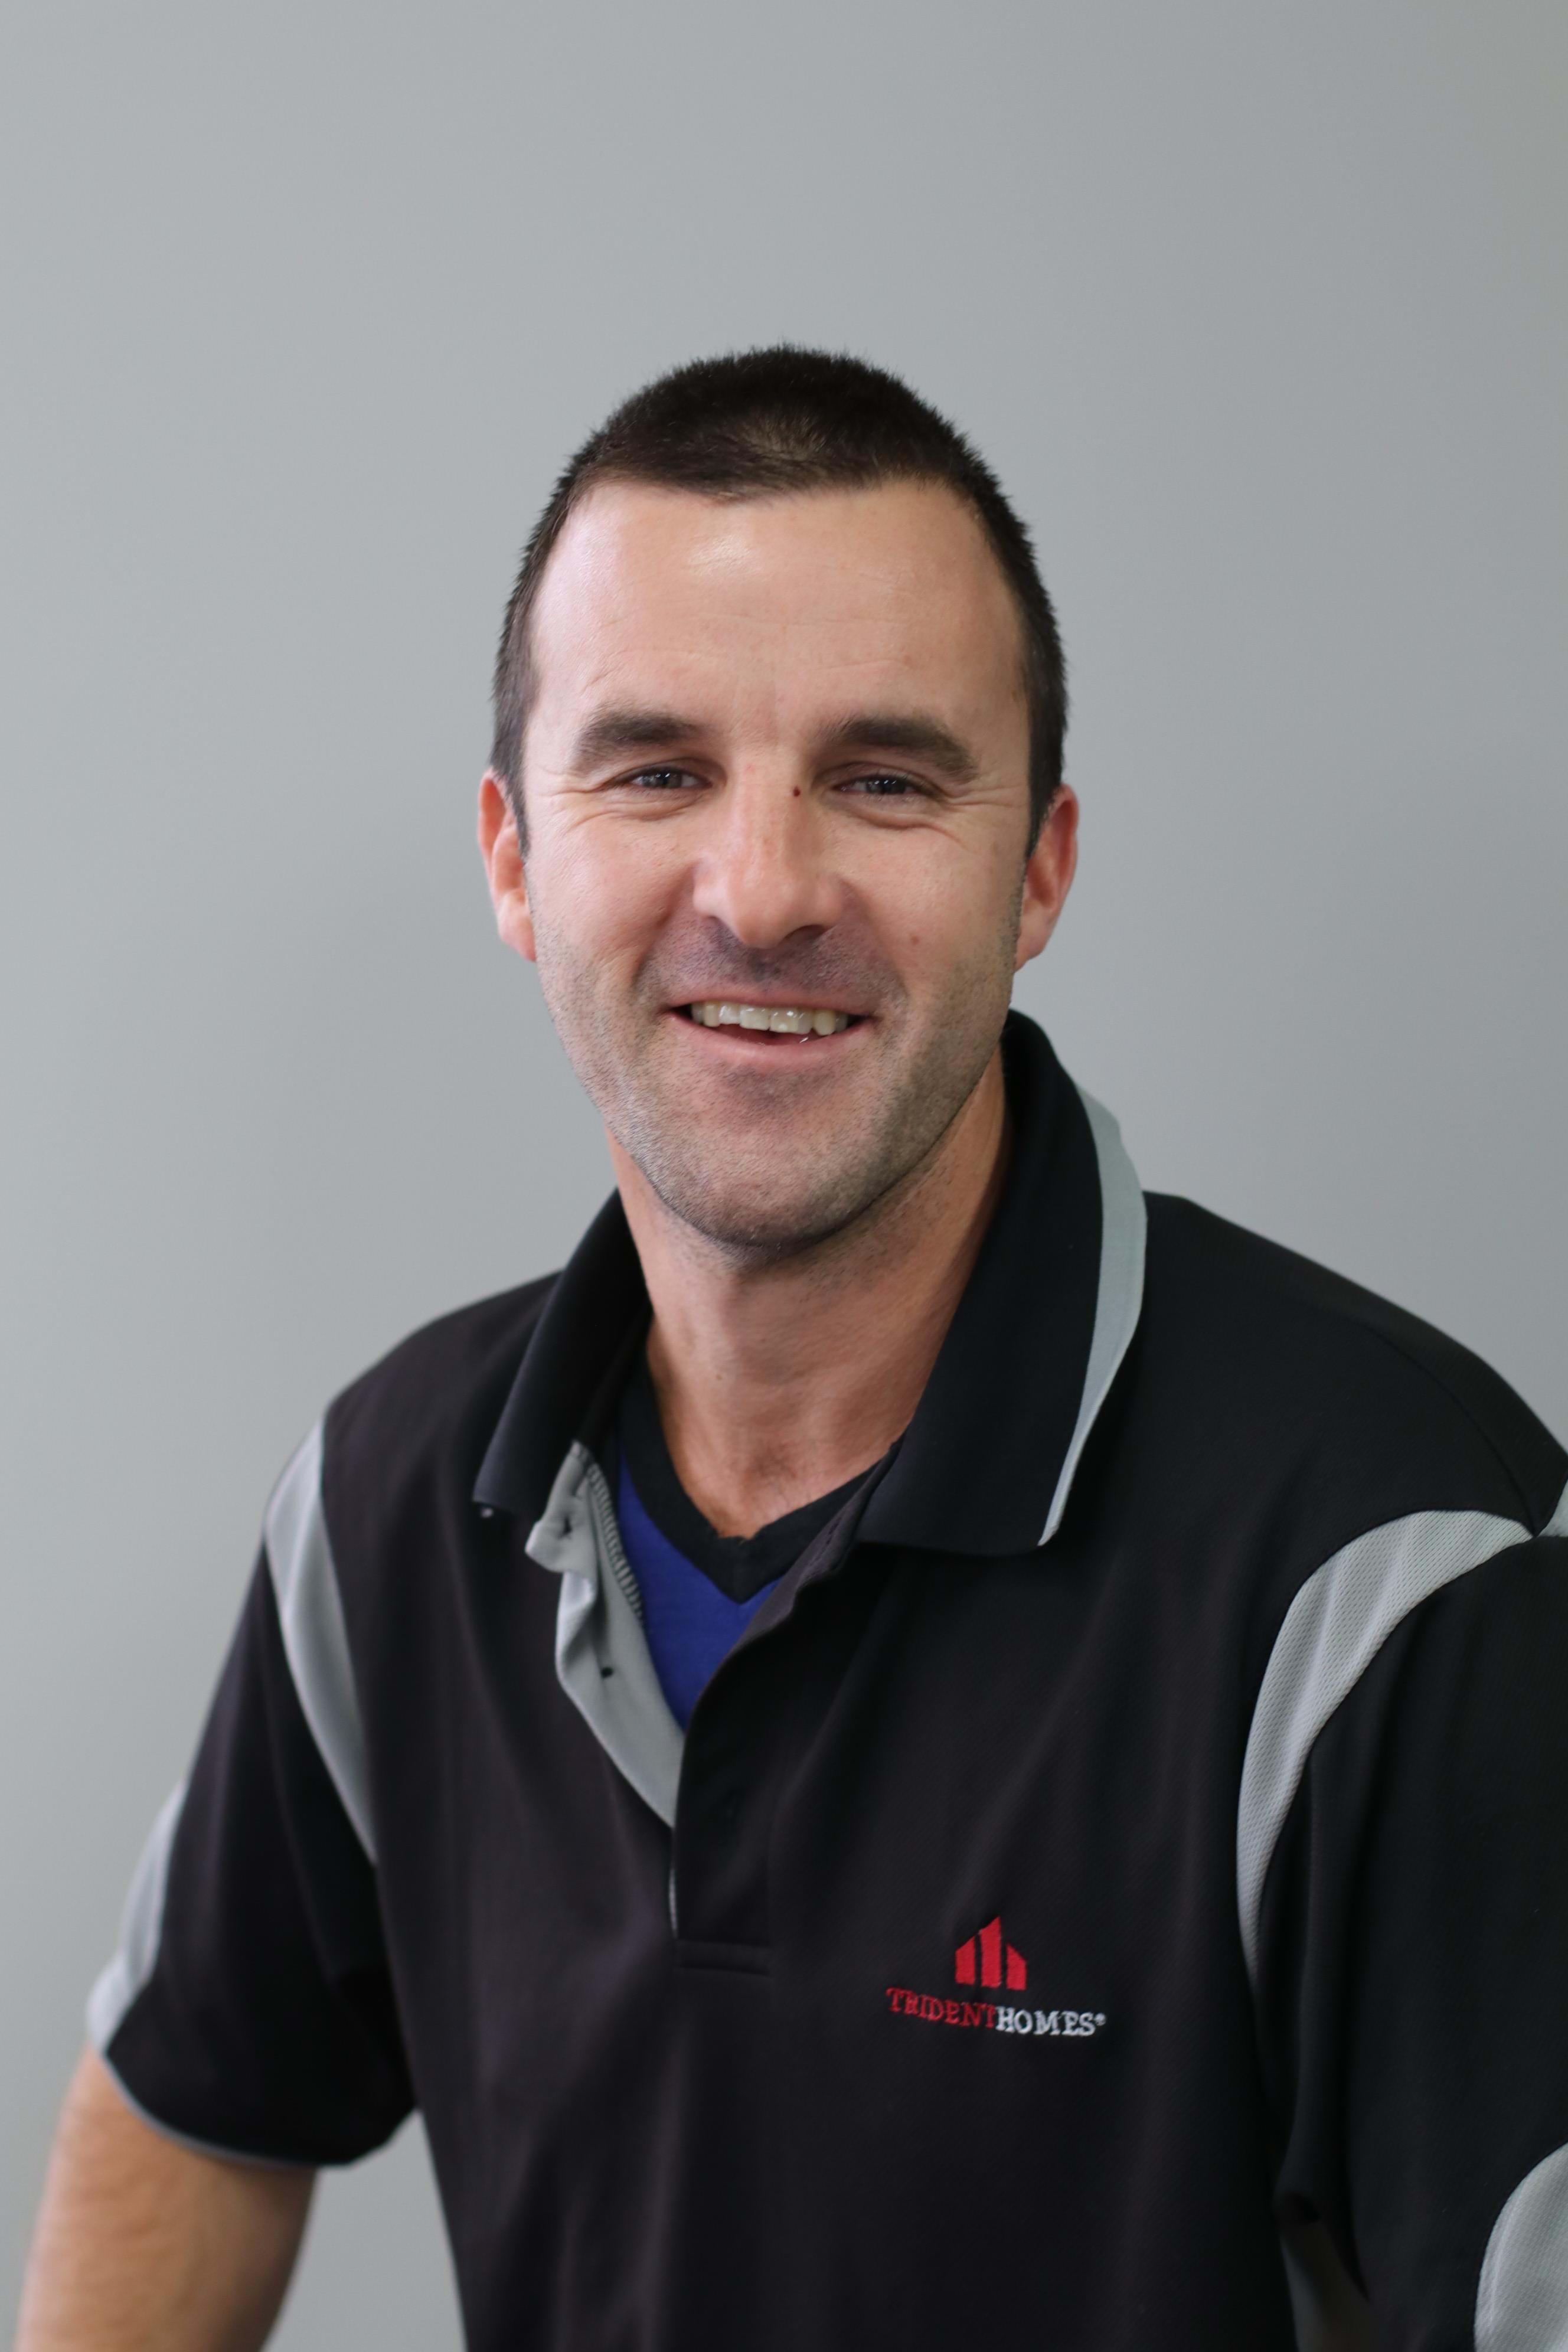 Greg Lyon